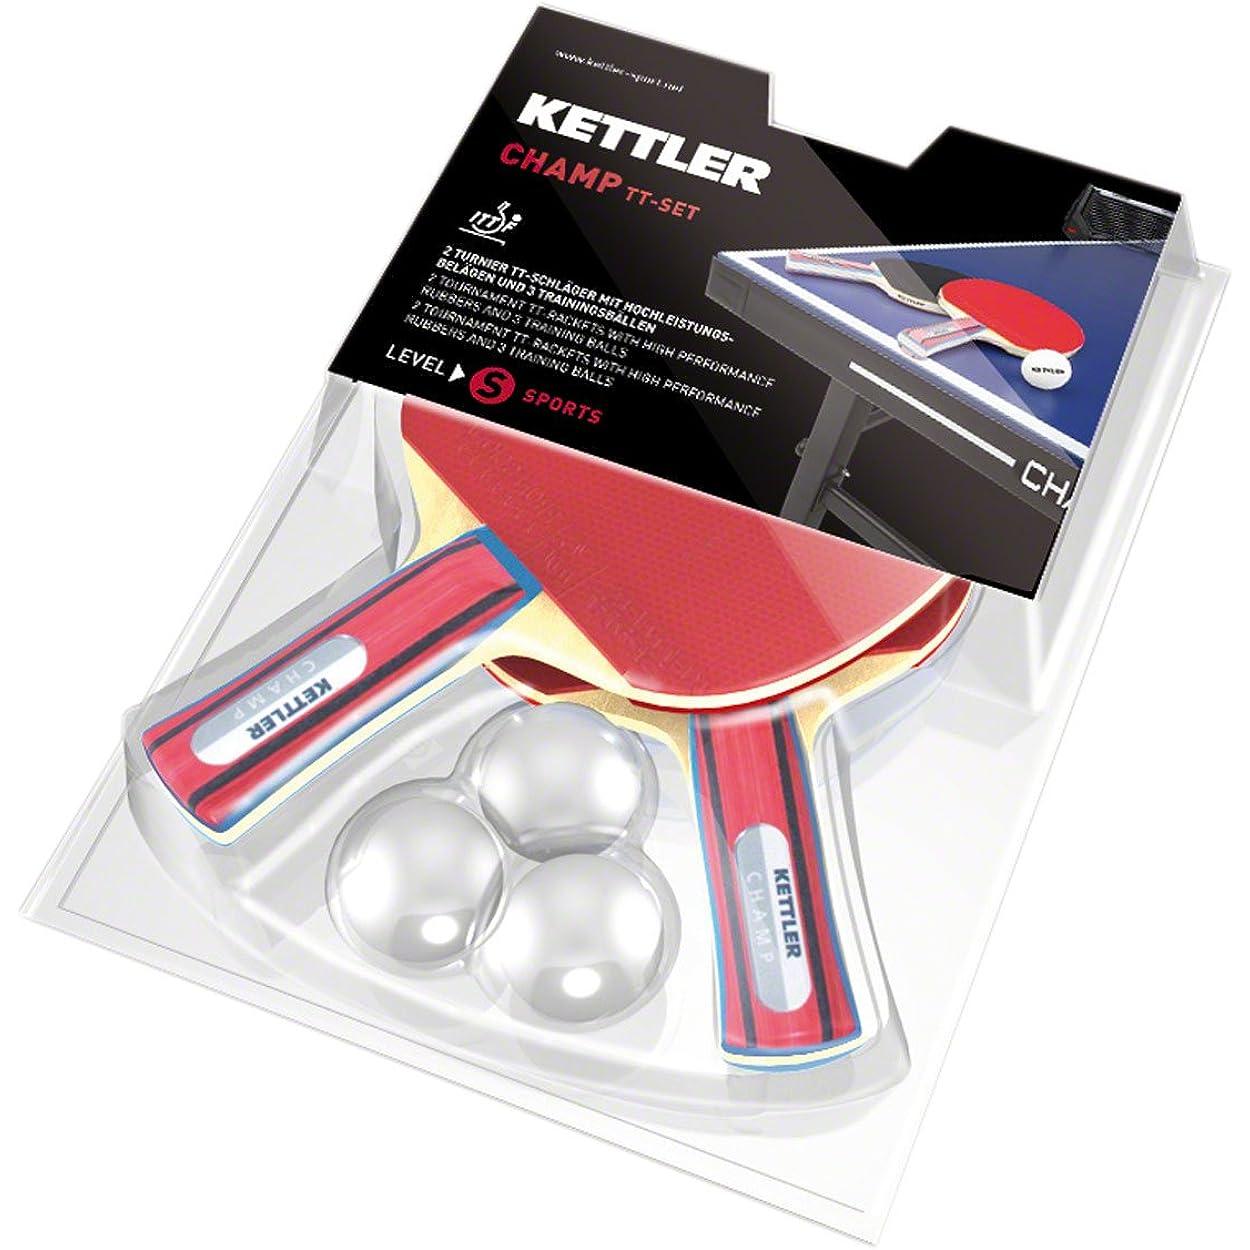 Gute Tennisschläger werden von der Marke Kettler hergestellt.